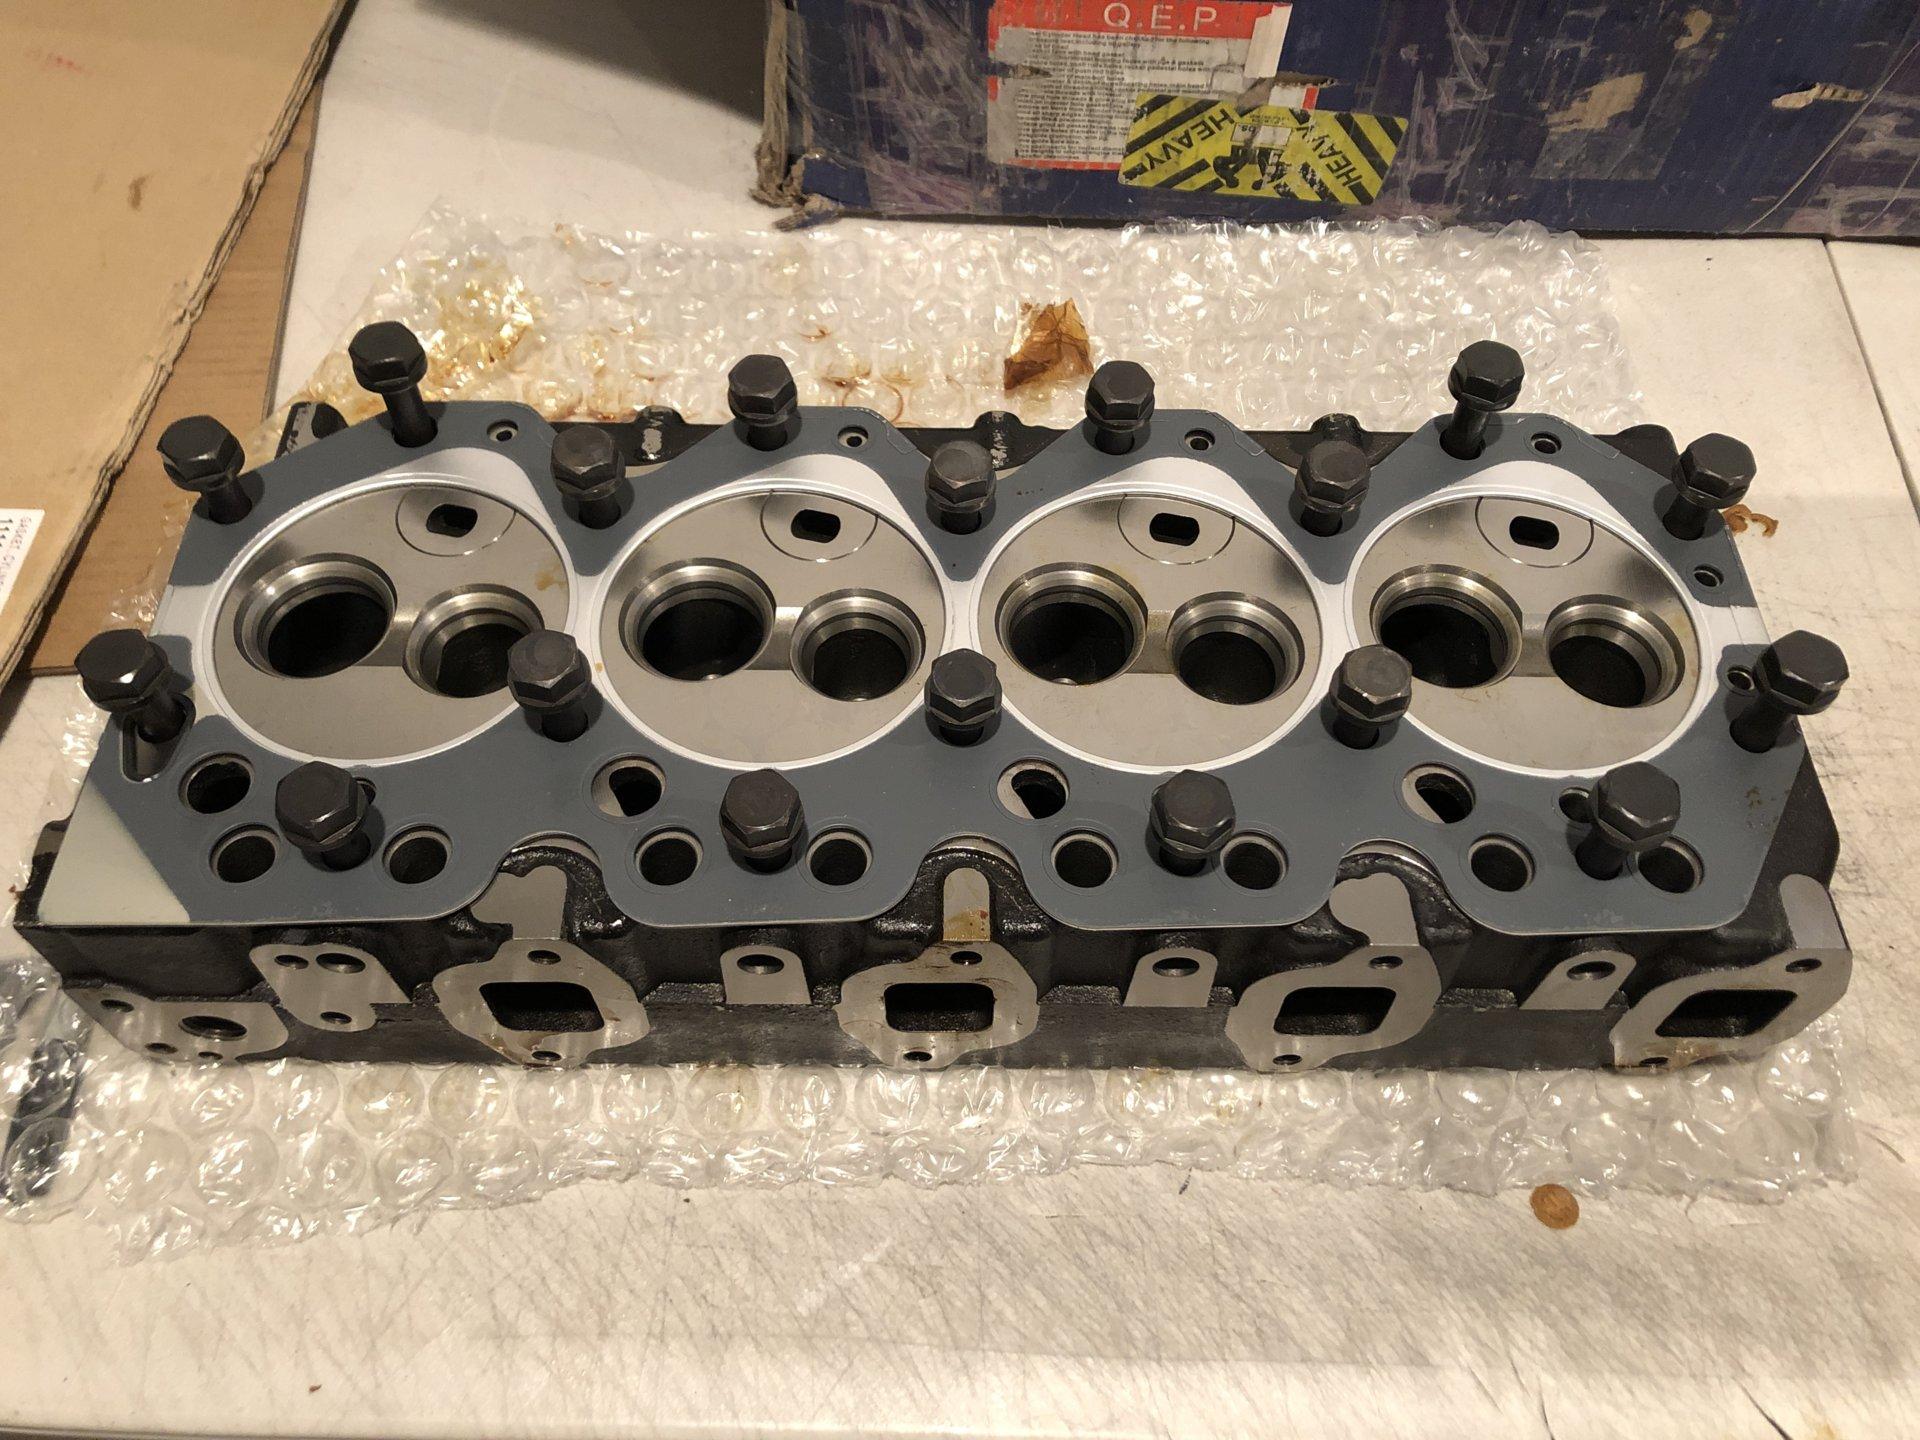 E5EF7234-9939-4C97-889C-3D2B1BC6285B.jpeg